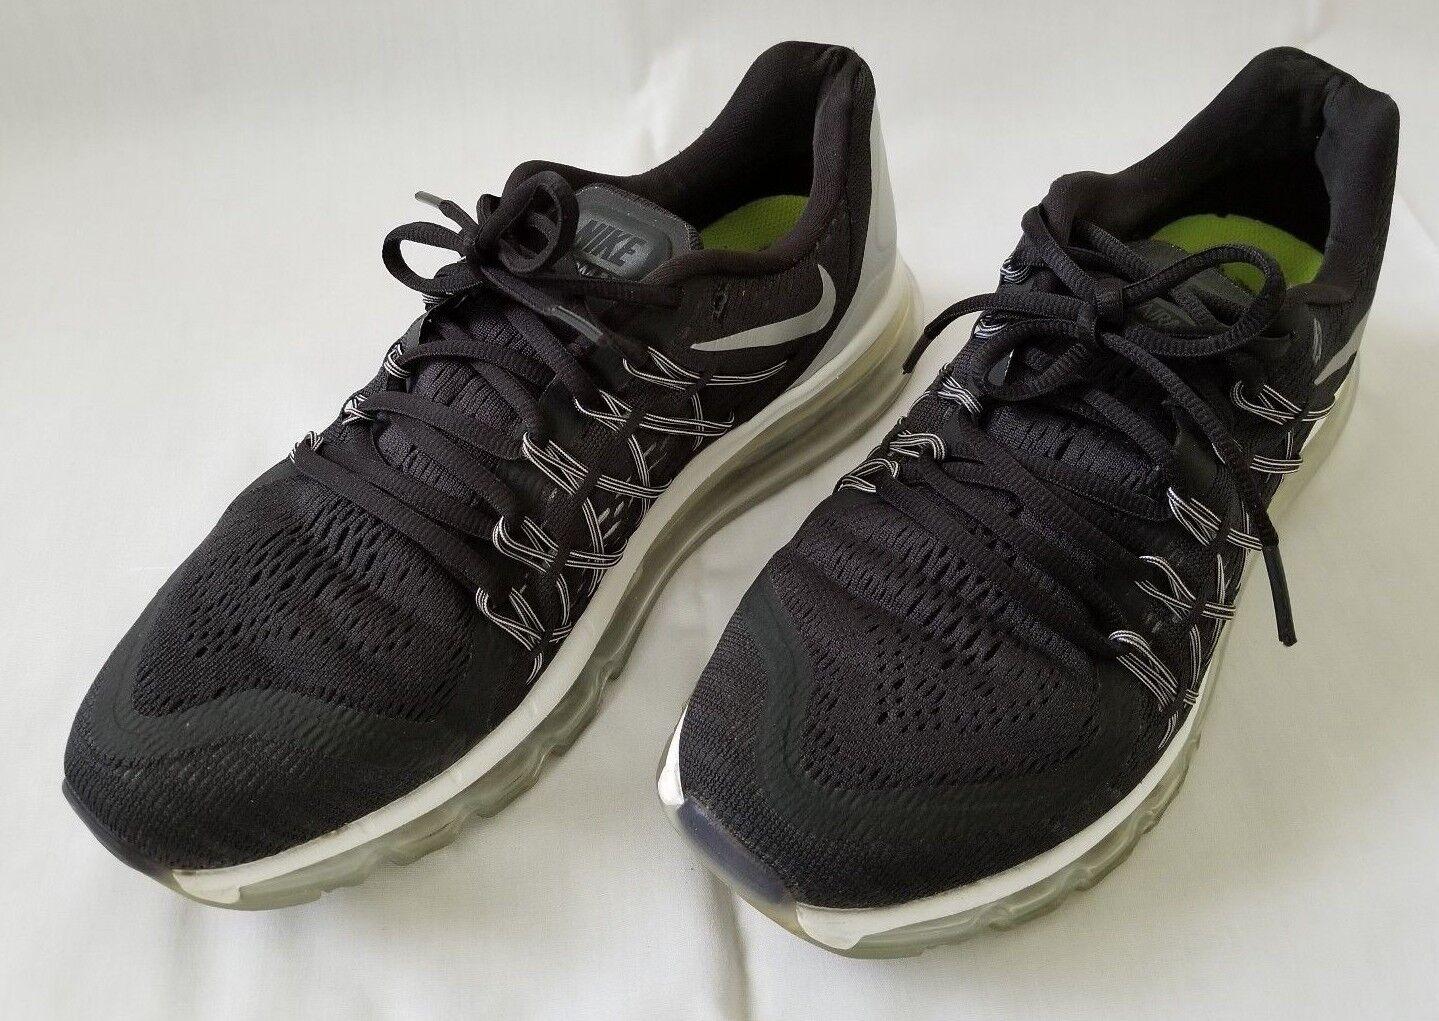 Donne sz 10 nero argento nike air max le scarpe da corsa 698903-001 usato